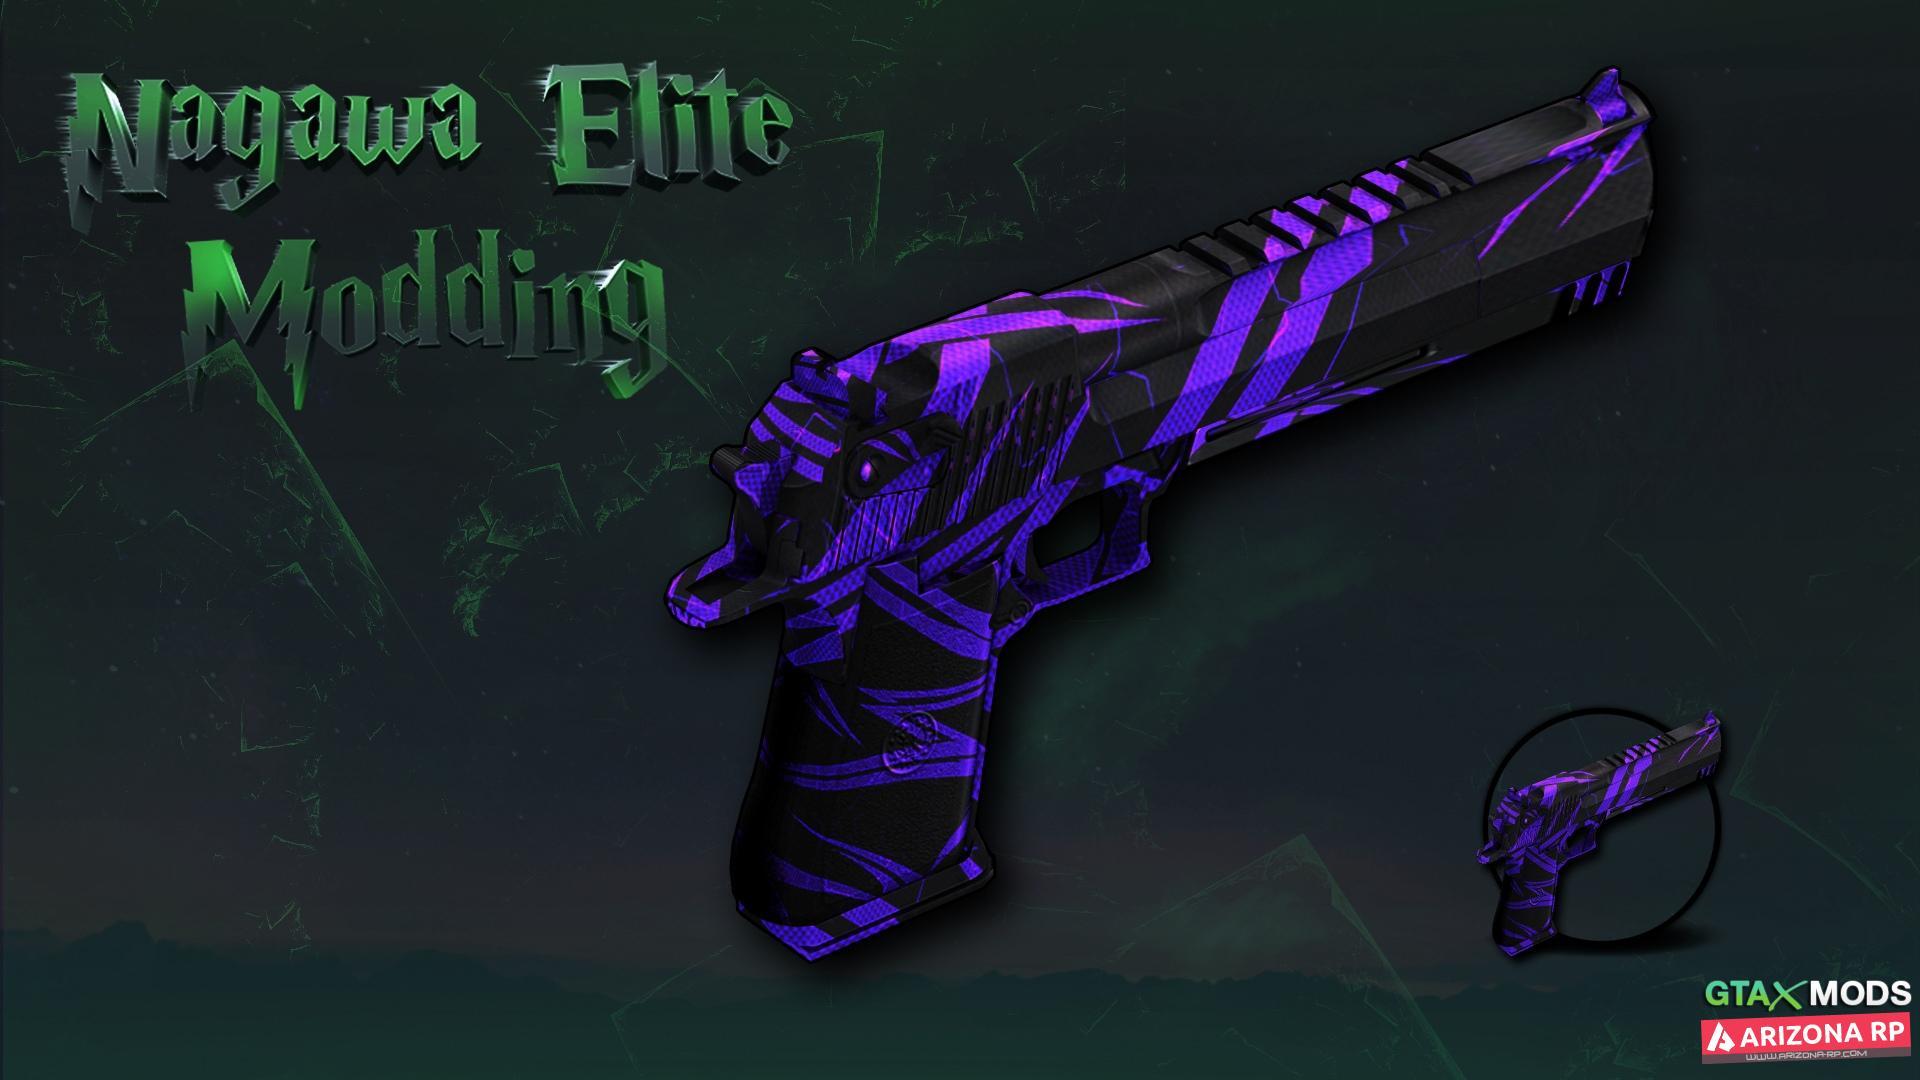 Desert_Eagle | Riot | Nagawa Elite Modding